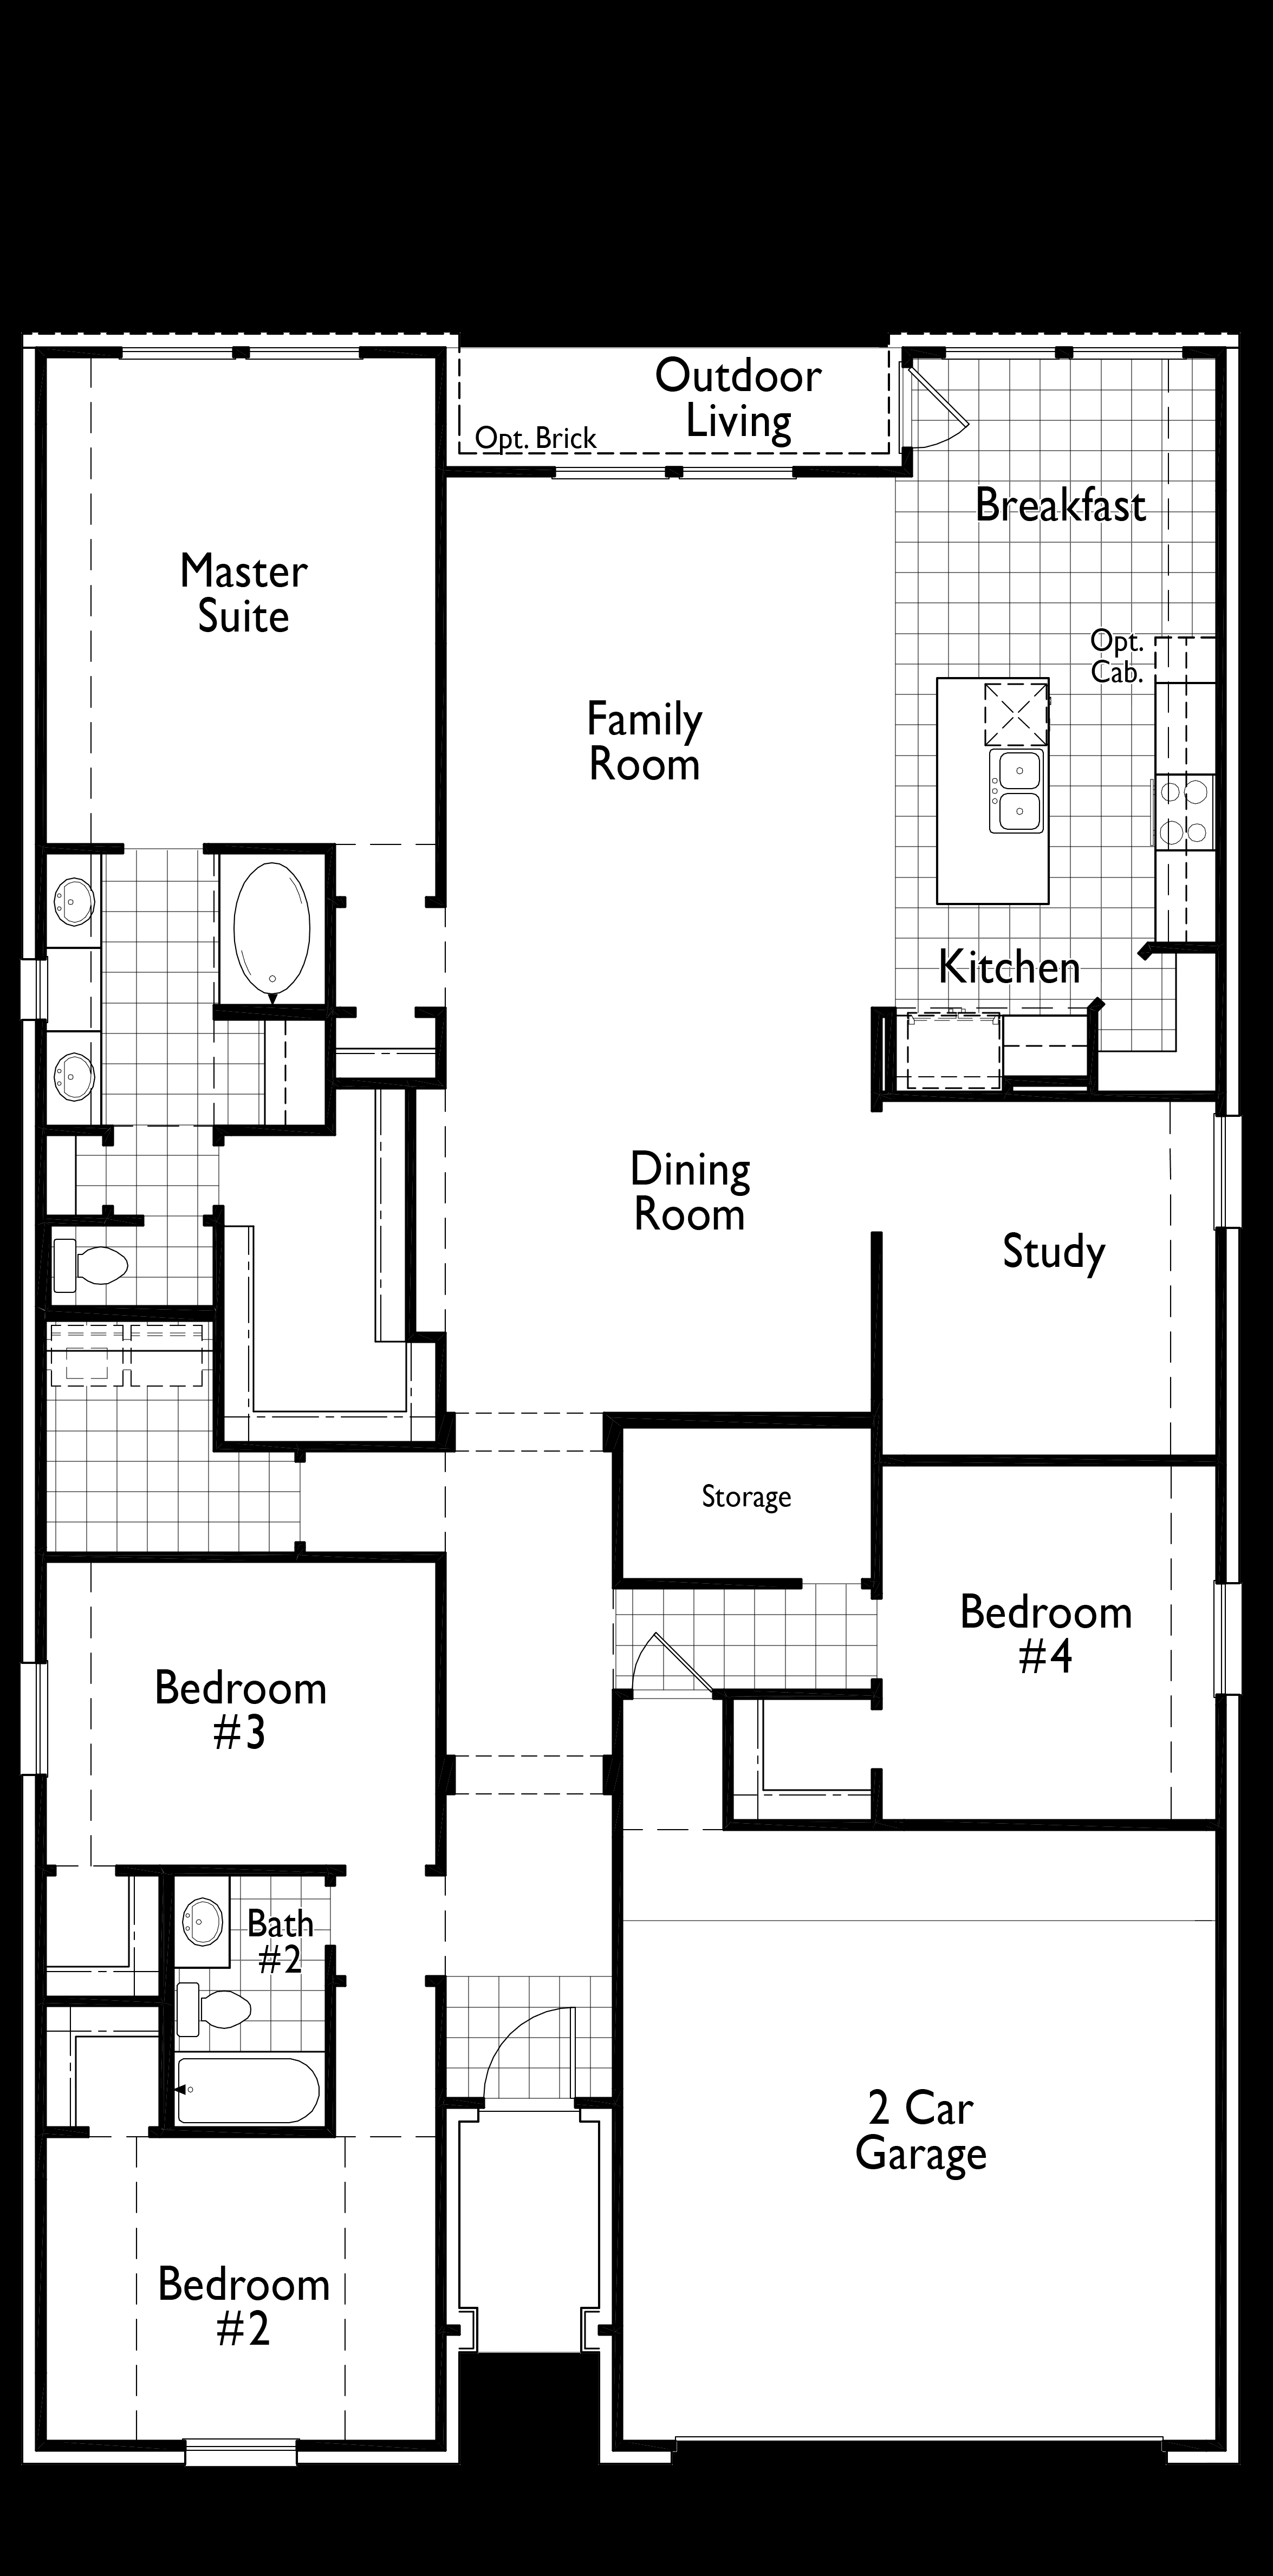 Plan Dorchester 24